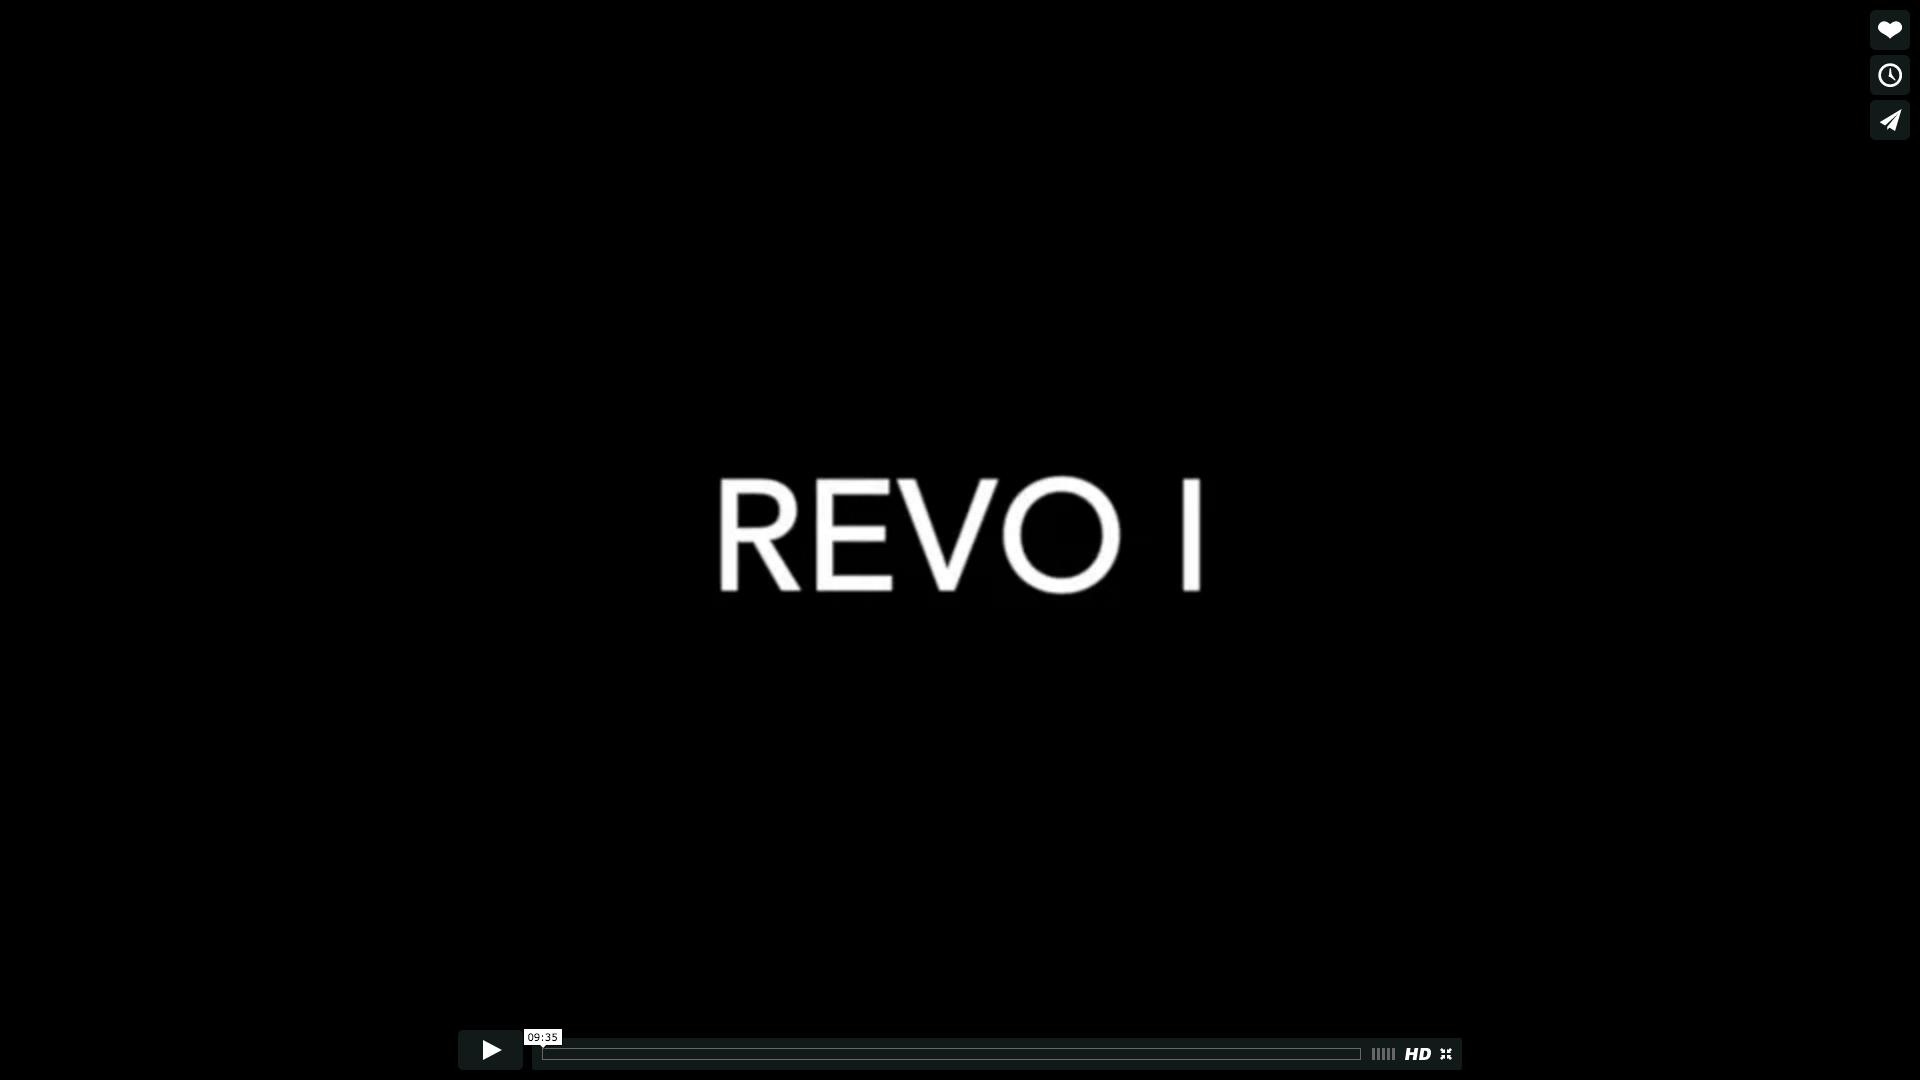 revo 1